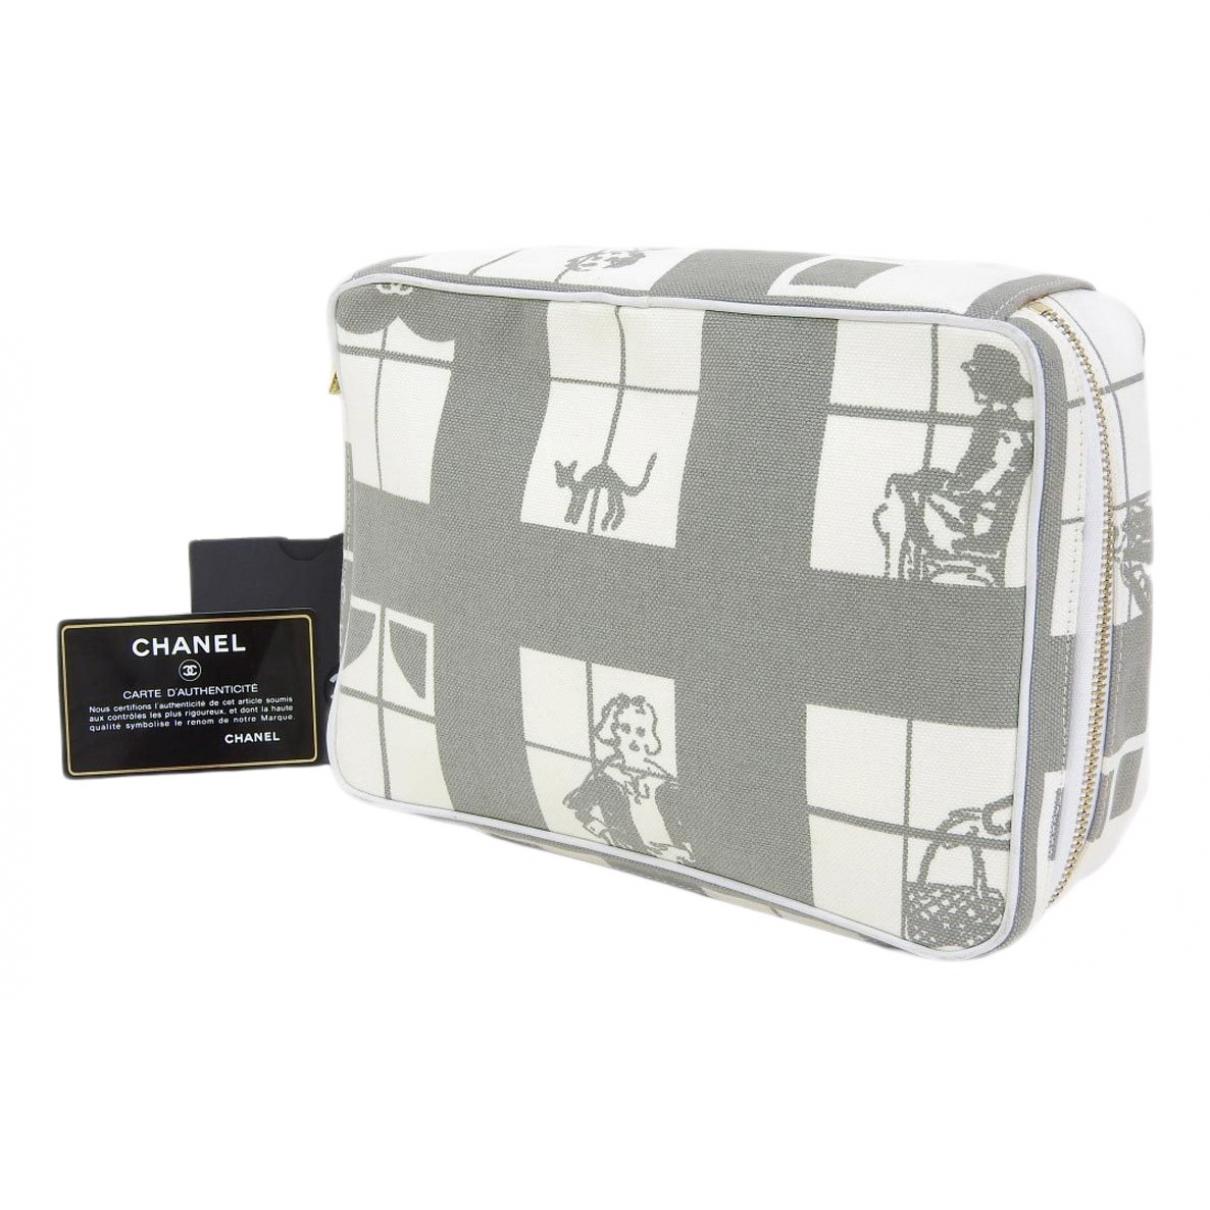 Chanel - Sac de voyage   pour femme en toile - gris